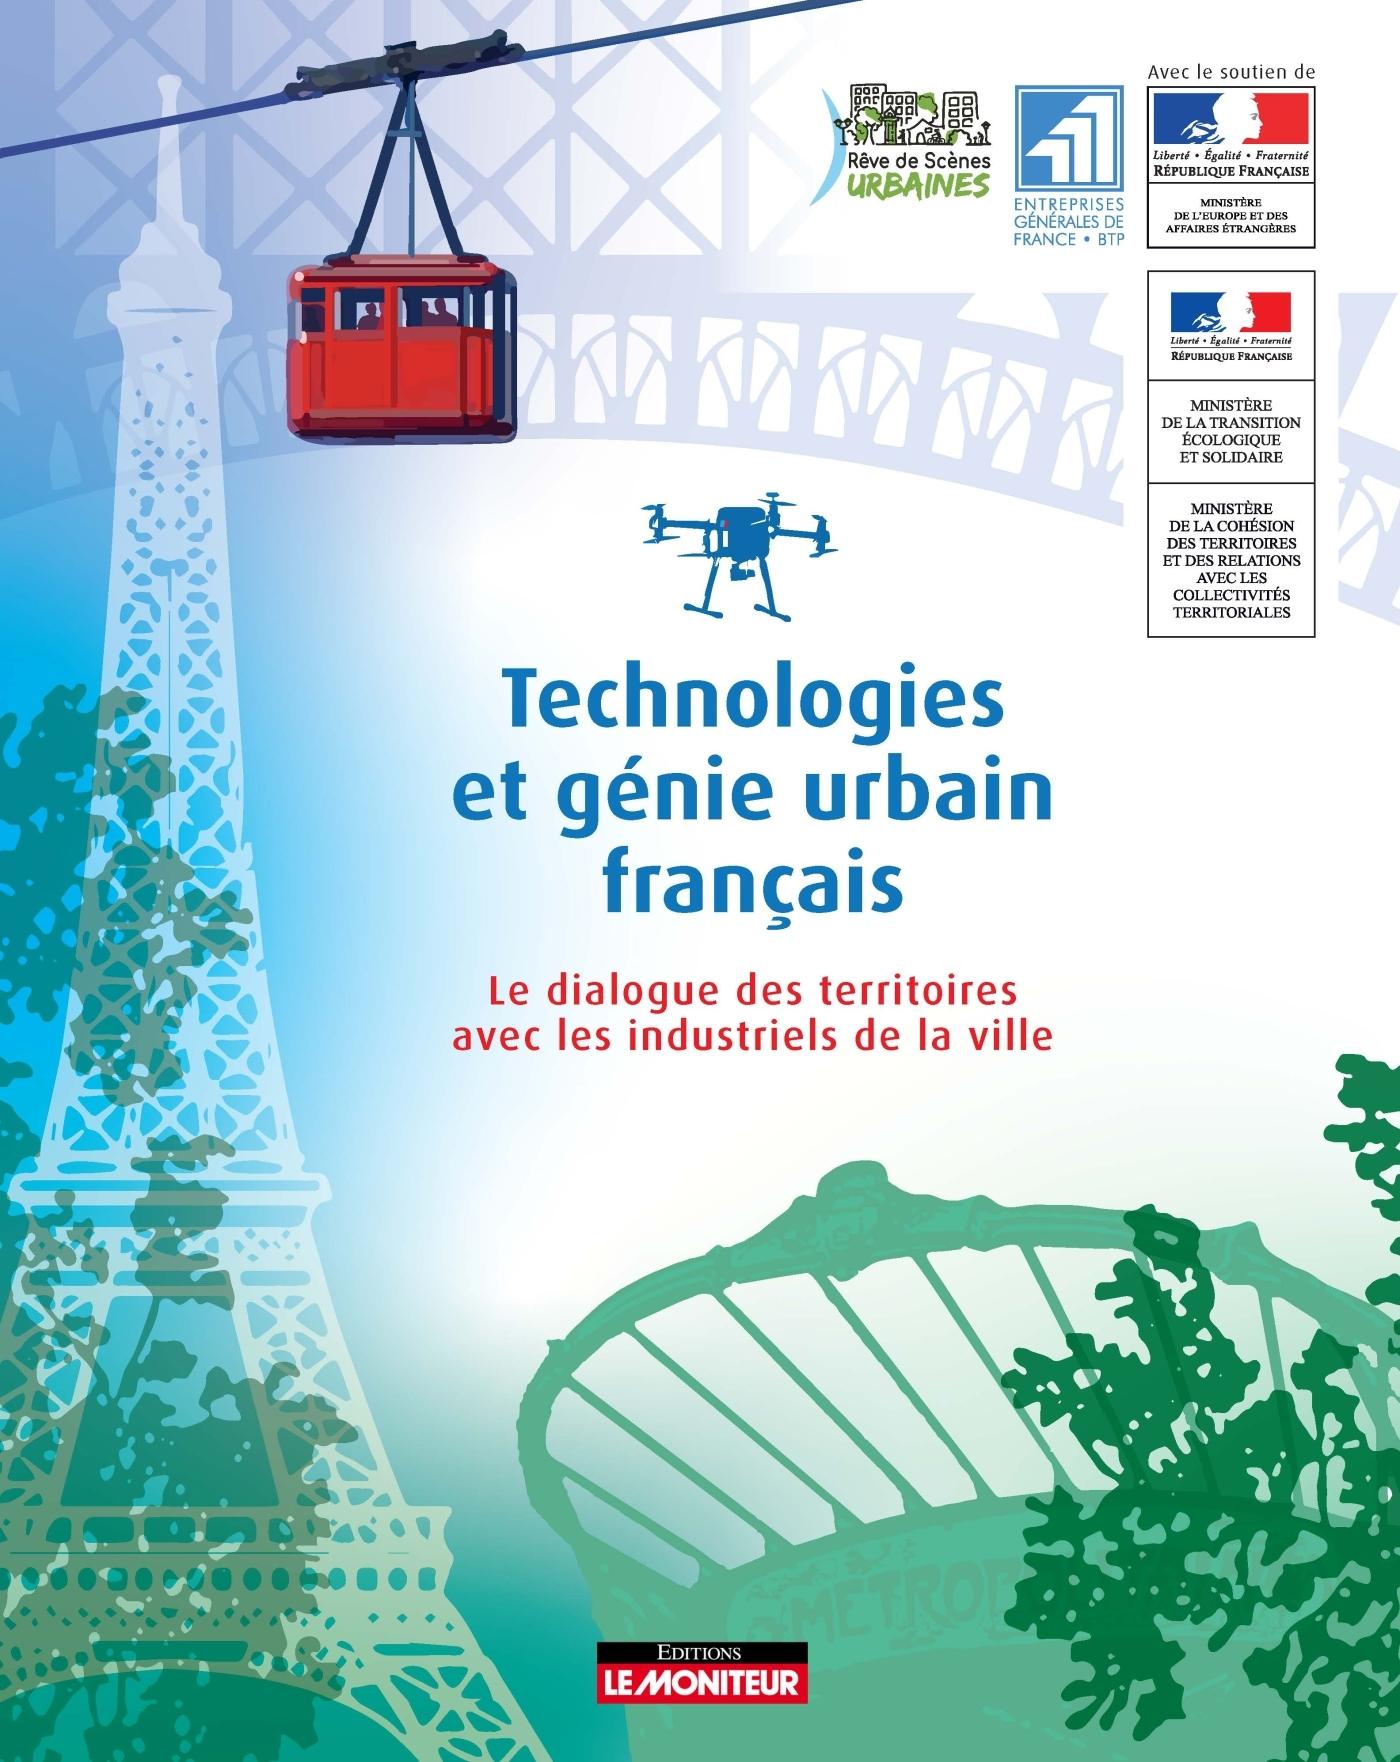 TECHNOLOGIES ET GENIE URBAIN FRANCAIS - LE DIALOGUE DES TERRITOIRES AVEC LES INDUSTRIES DE LA VILLE